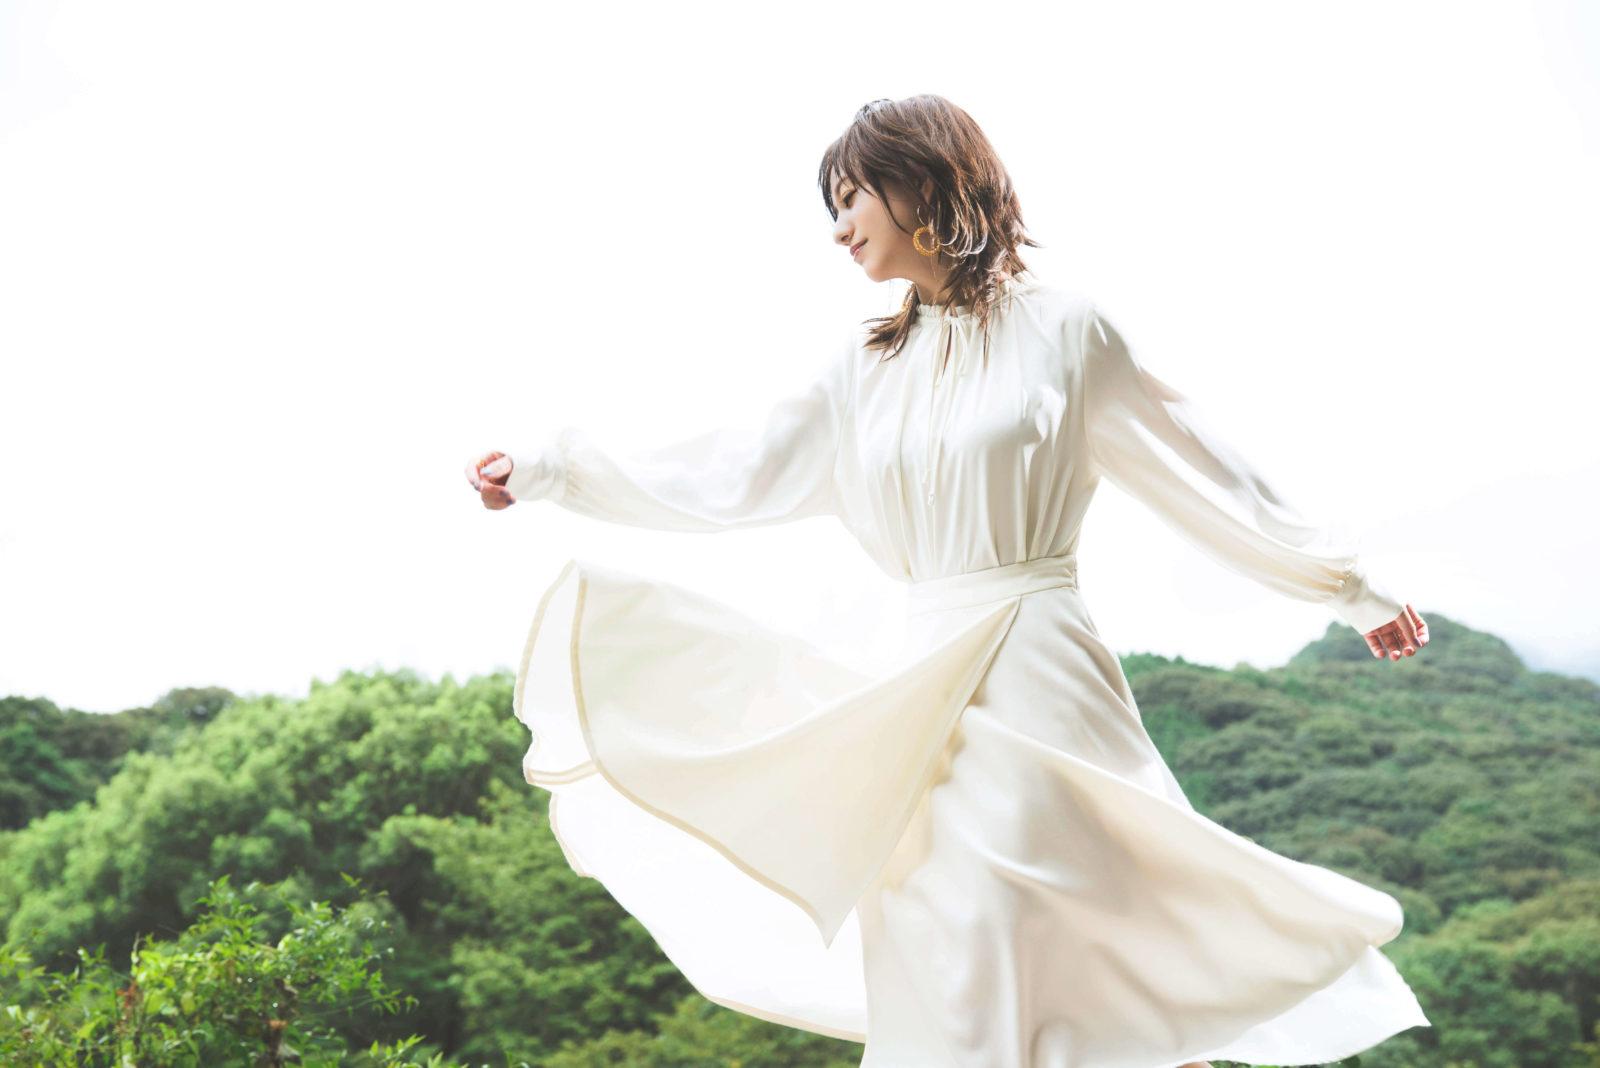 伊藤千晃の第2弾デジタル・シングル曲「happiness」が配信サムネイル画像